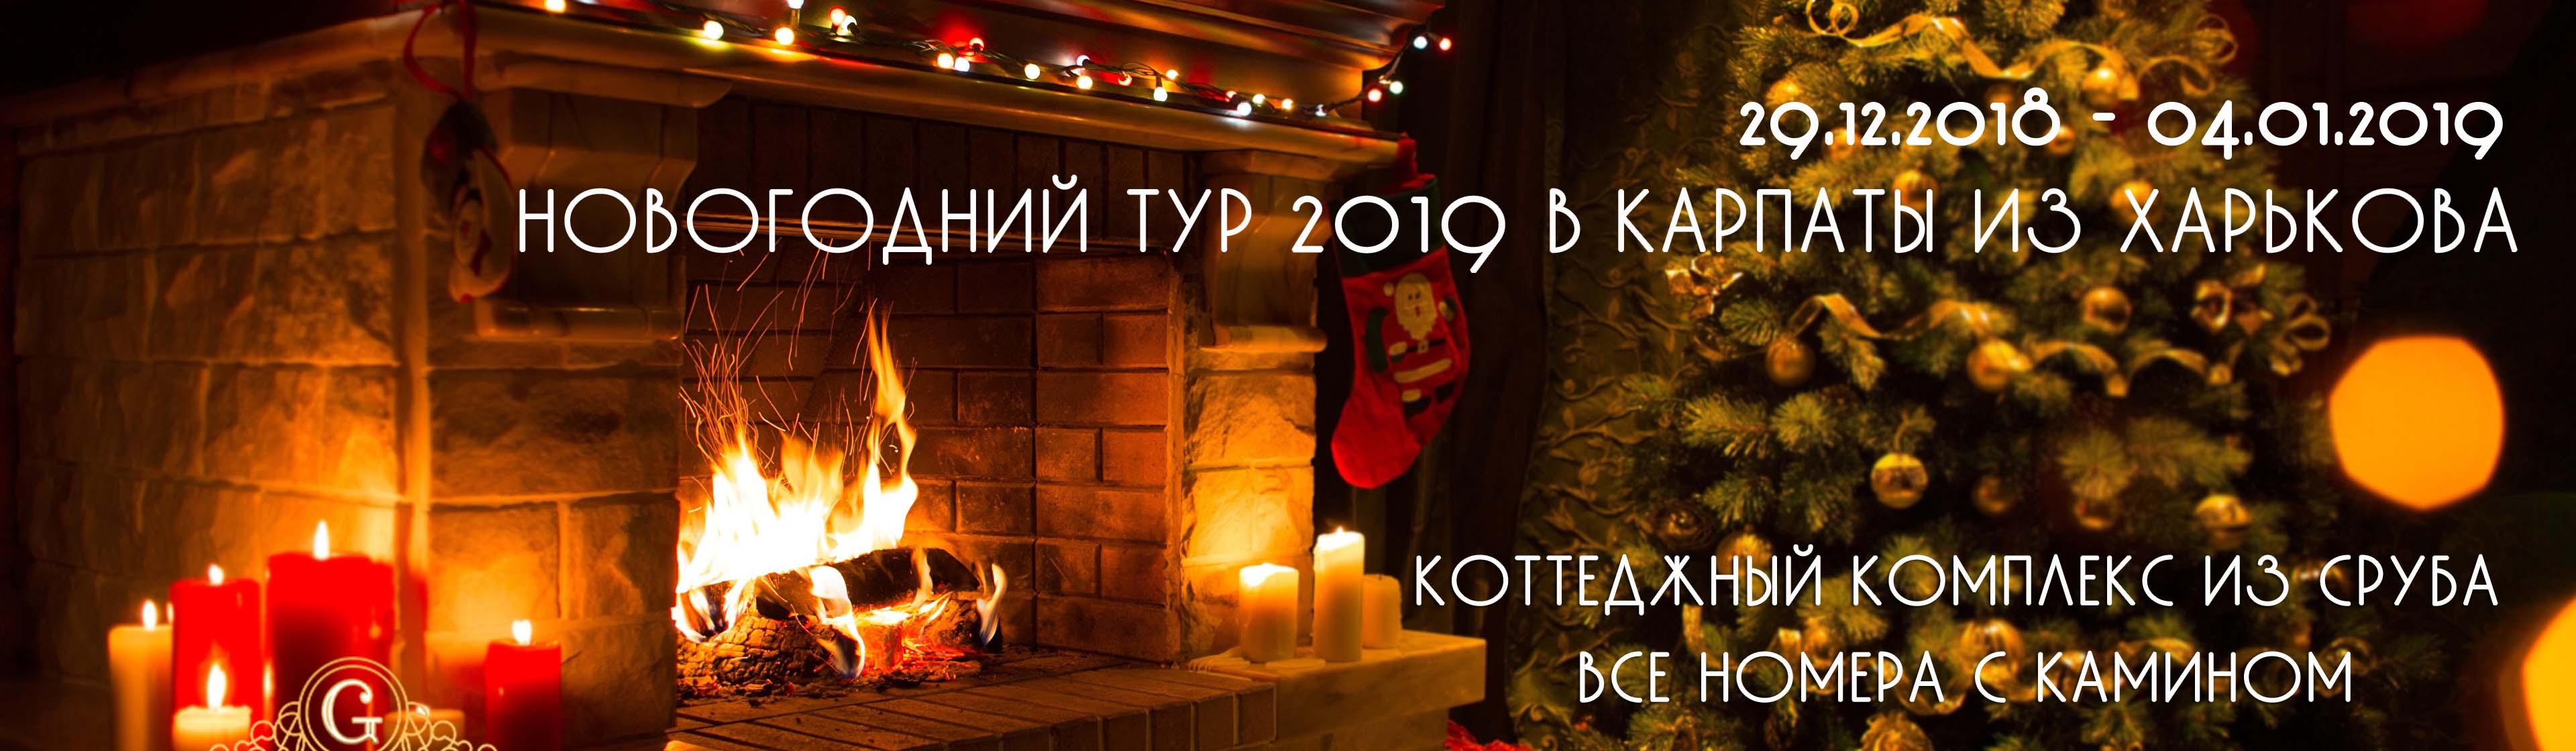 фото Новогодний тур в Карпаты из Харькова 2019